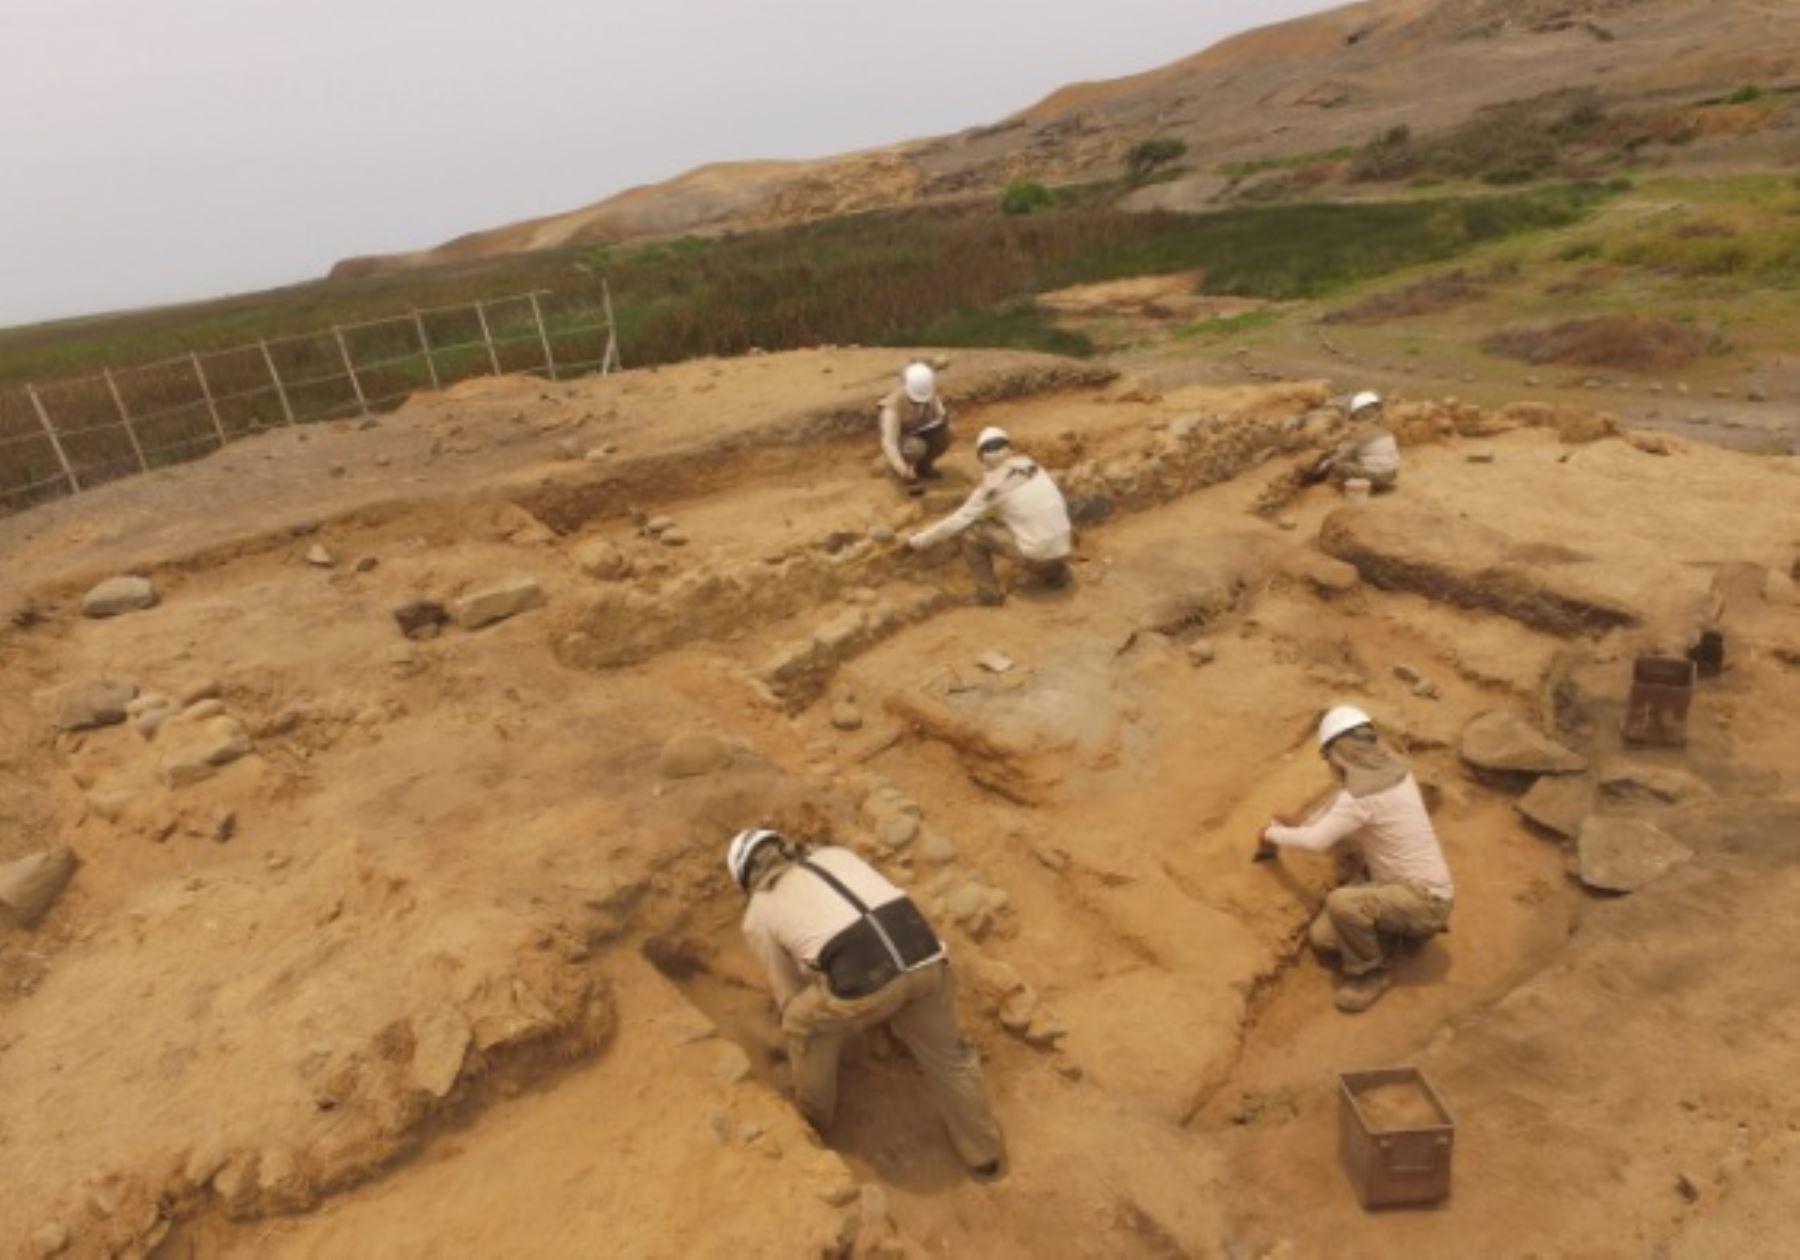 Gracias al programa Caral en la Escuela de la ZAC, los niños y jóvenes de los colegios de la provincia de Barranca han recibido clases especiales sobre la Civilización Caral y visitaron los sitios arqueológicos.